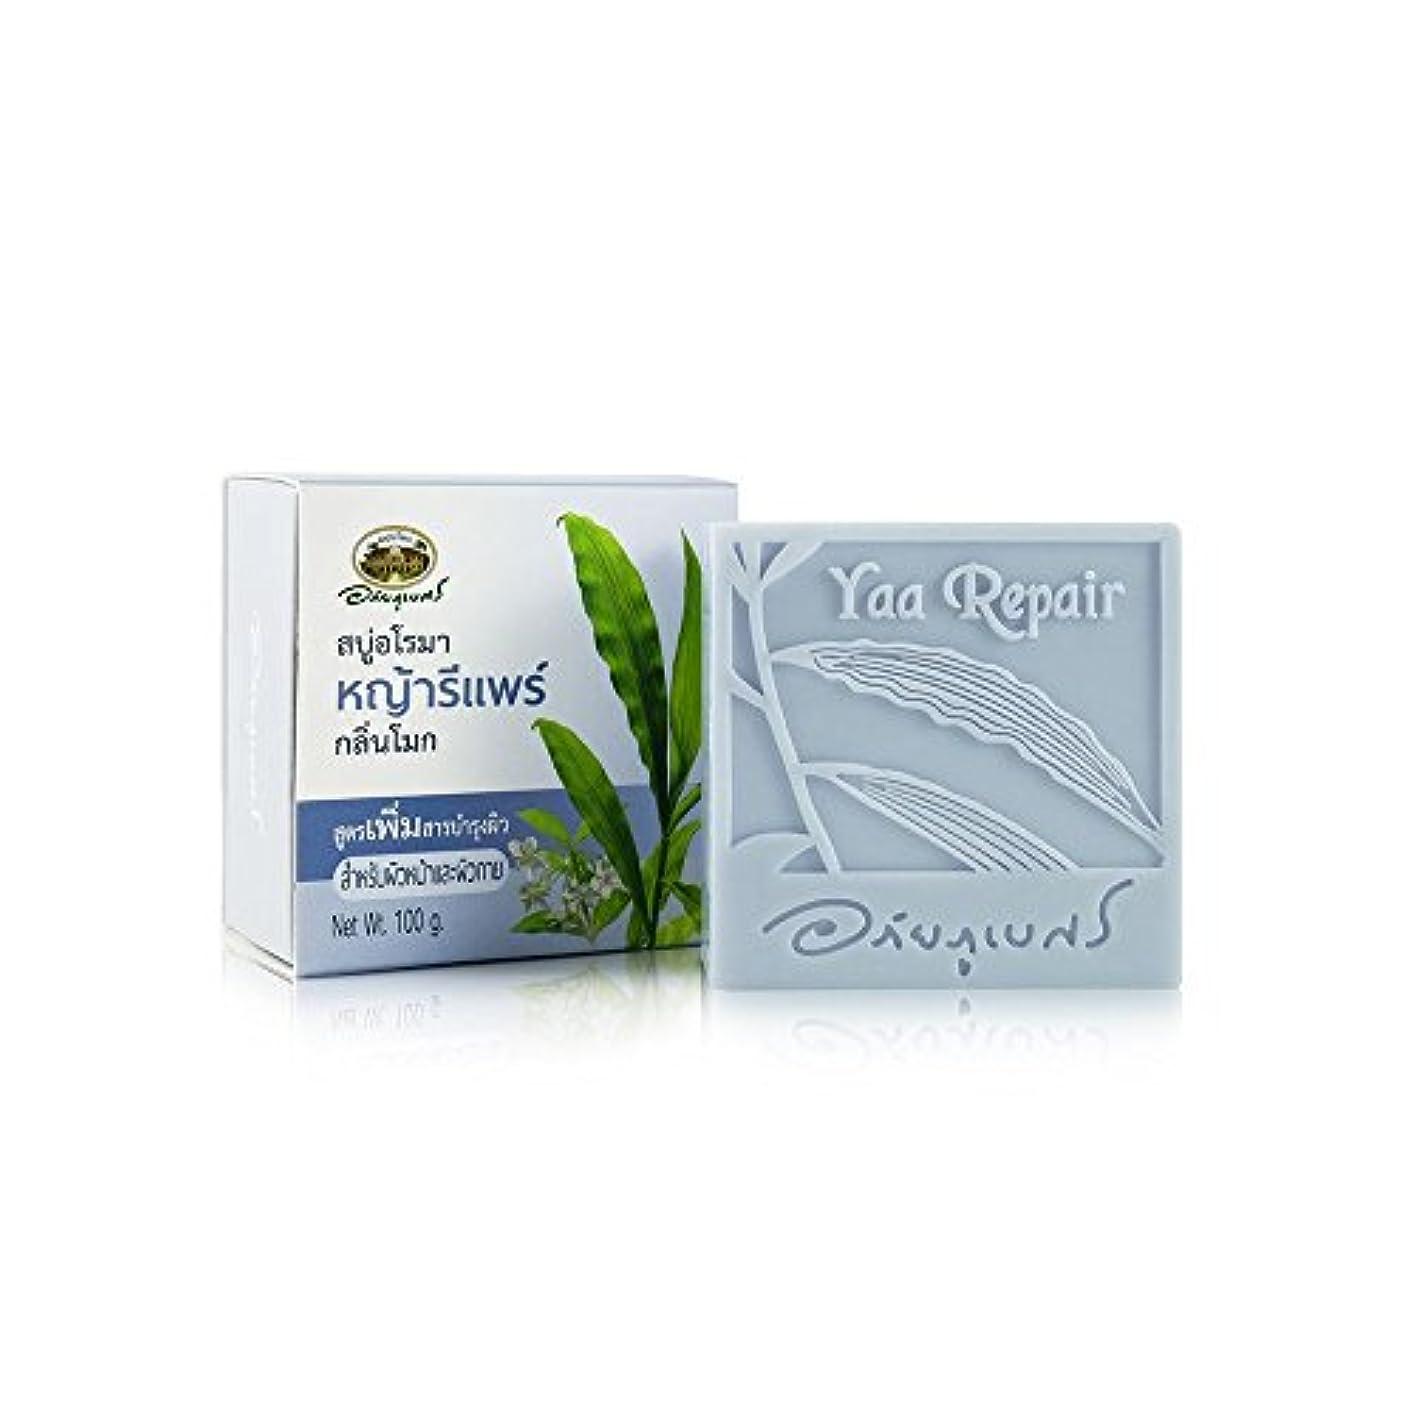 鉱石スツールマウントバンクAbhaibhubejhr Thai Aromatherapy With Moke Flower Skin Care Formula Herbal Body Face Cleaning Soap 100g. Abhaibhubejhr...